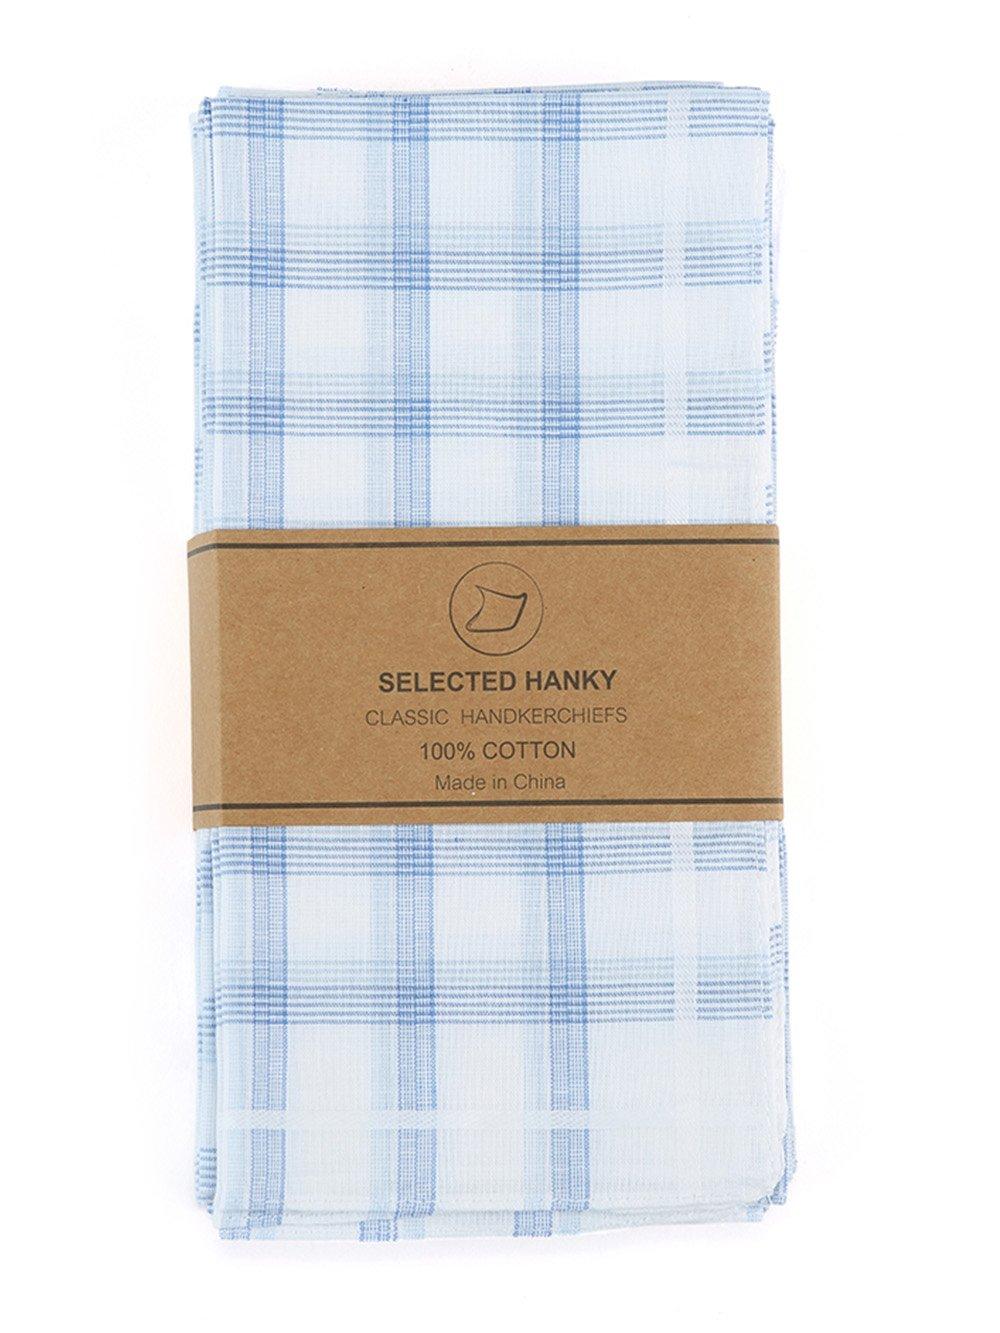 Selected Hanky 100% Cotton Men's Handkerchiefs/Hankies Colored Pack of 12 HKYM006LBCS12P